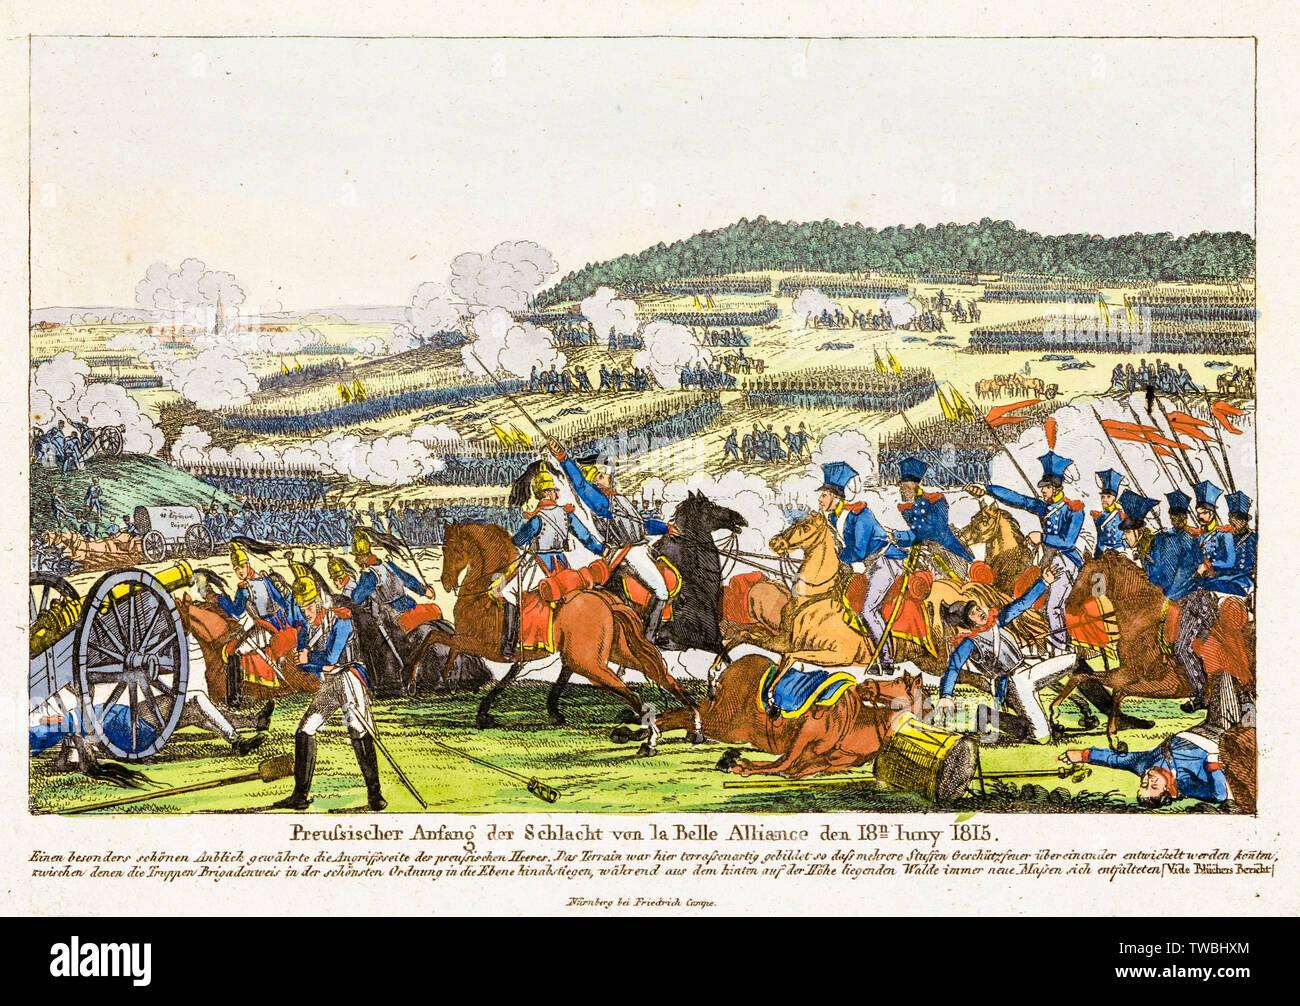 Truppe prussiano nella battaglia di Waterloo, 1815, stampa 1815 Foto Stock